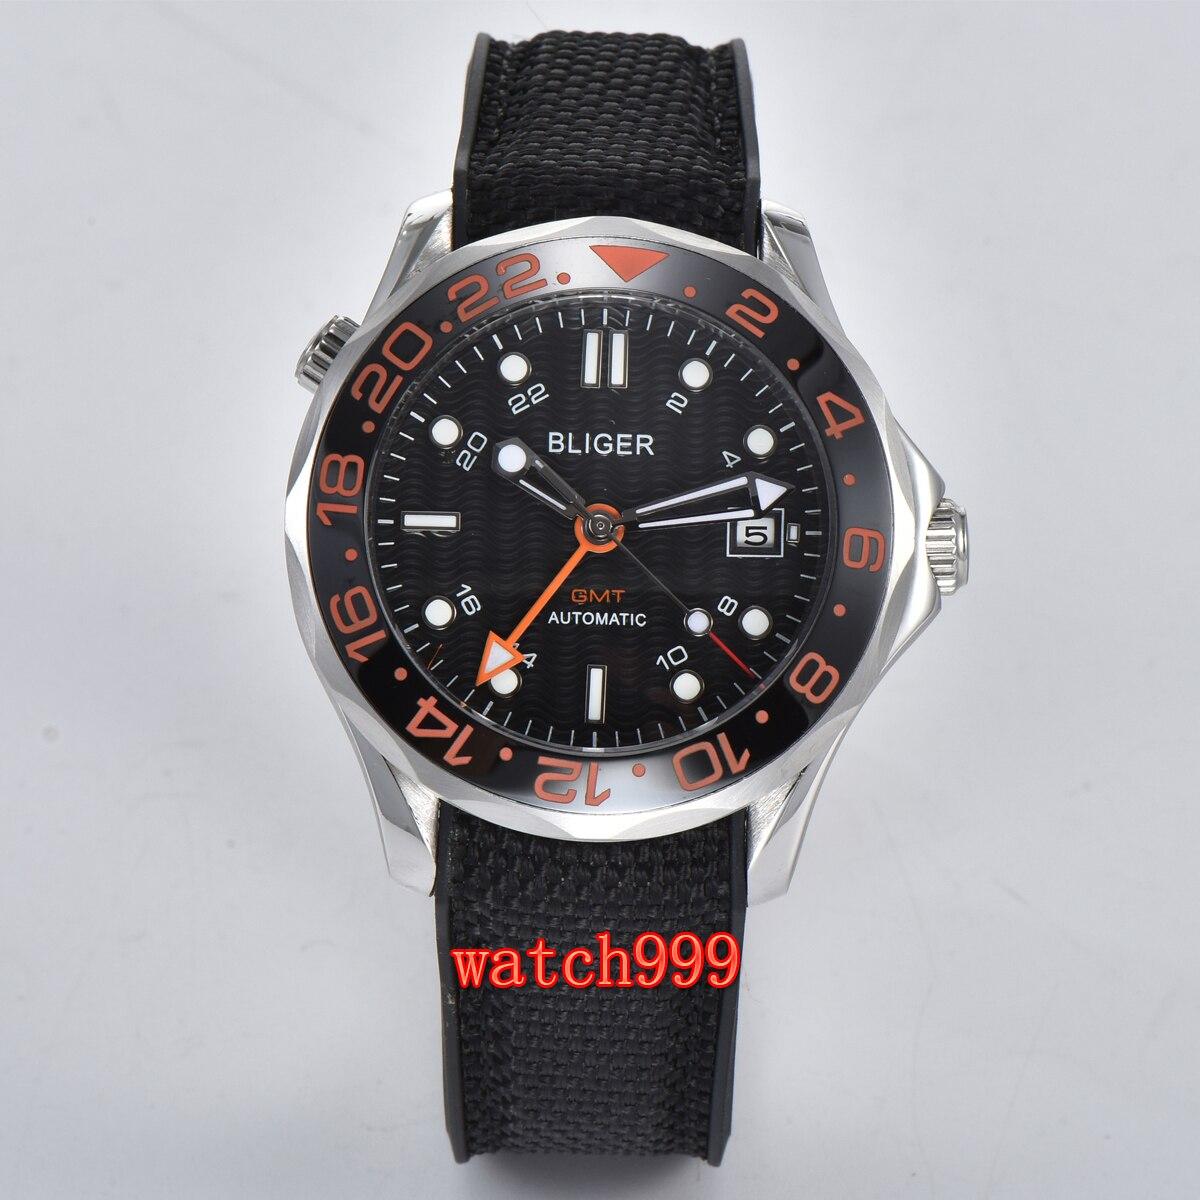 Bliger 41 millimetri sterile blu navy quadrante nero GMT vetro zaffiro automatico degli uomini casuale orologio da polso impermeabile orologio meccanico